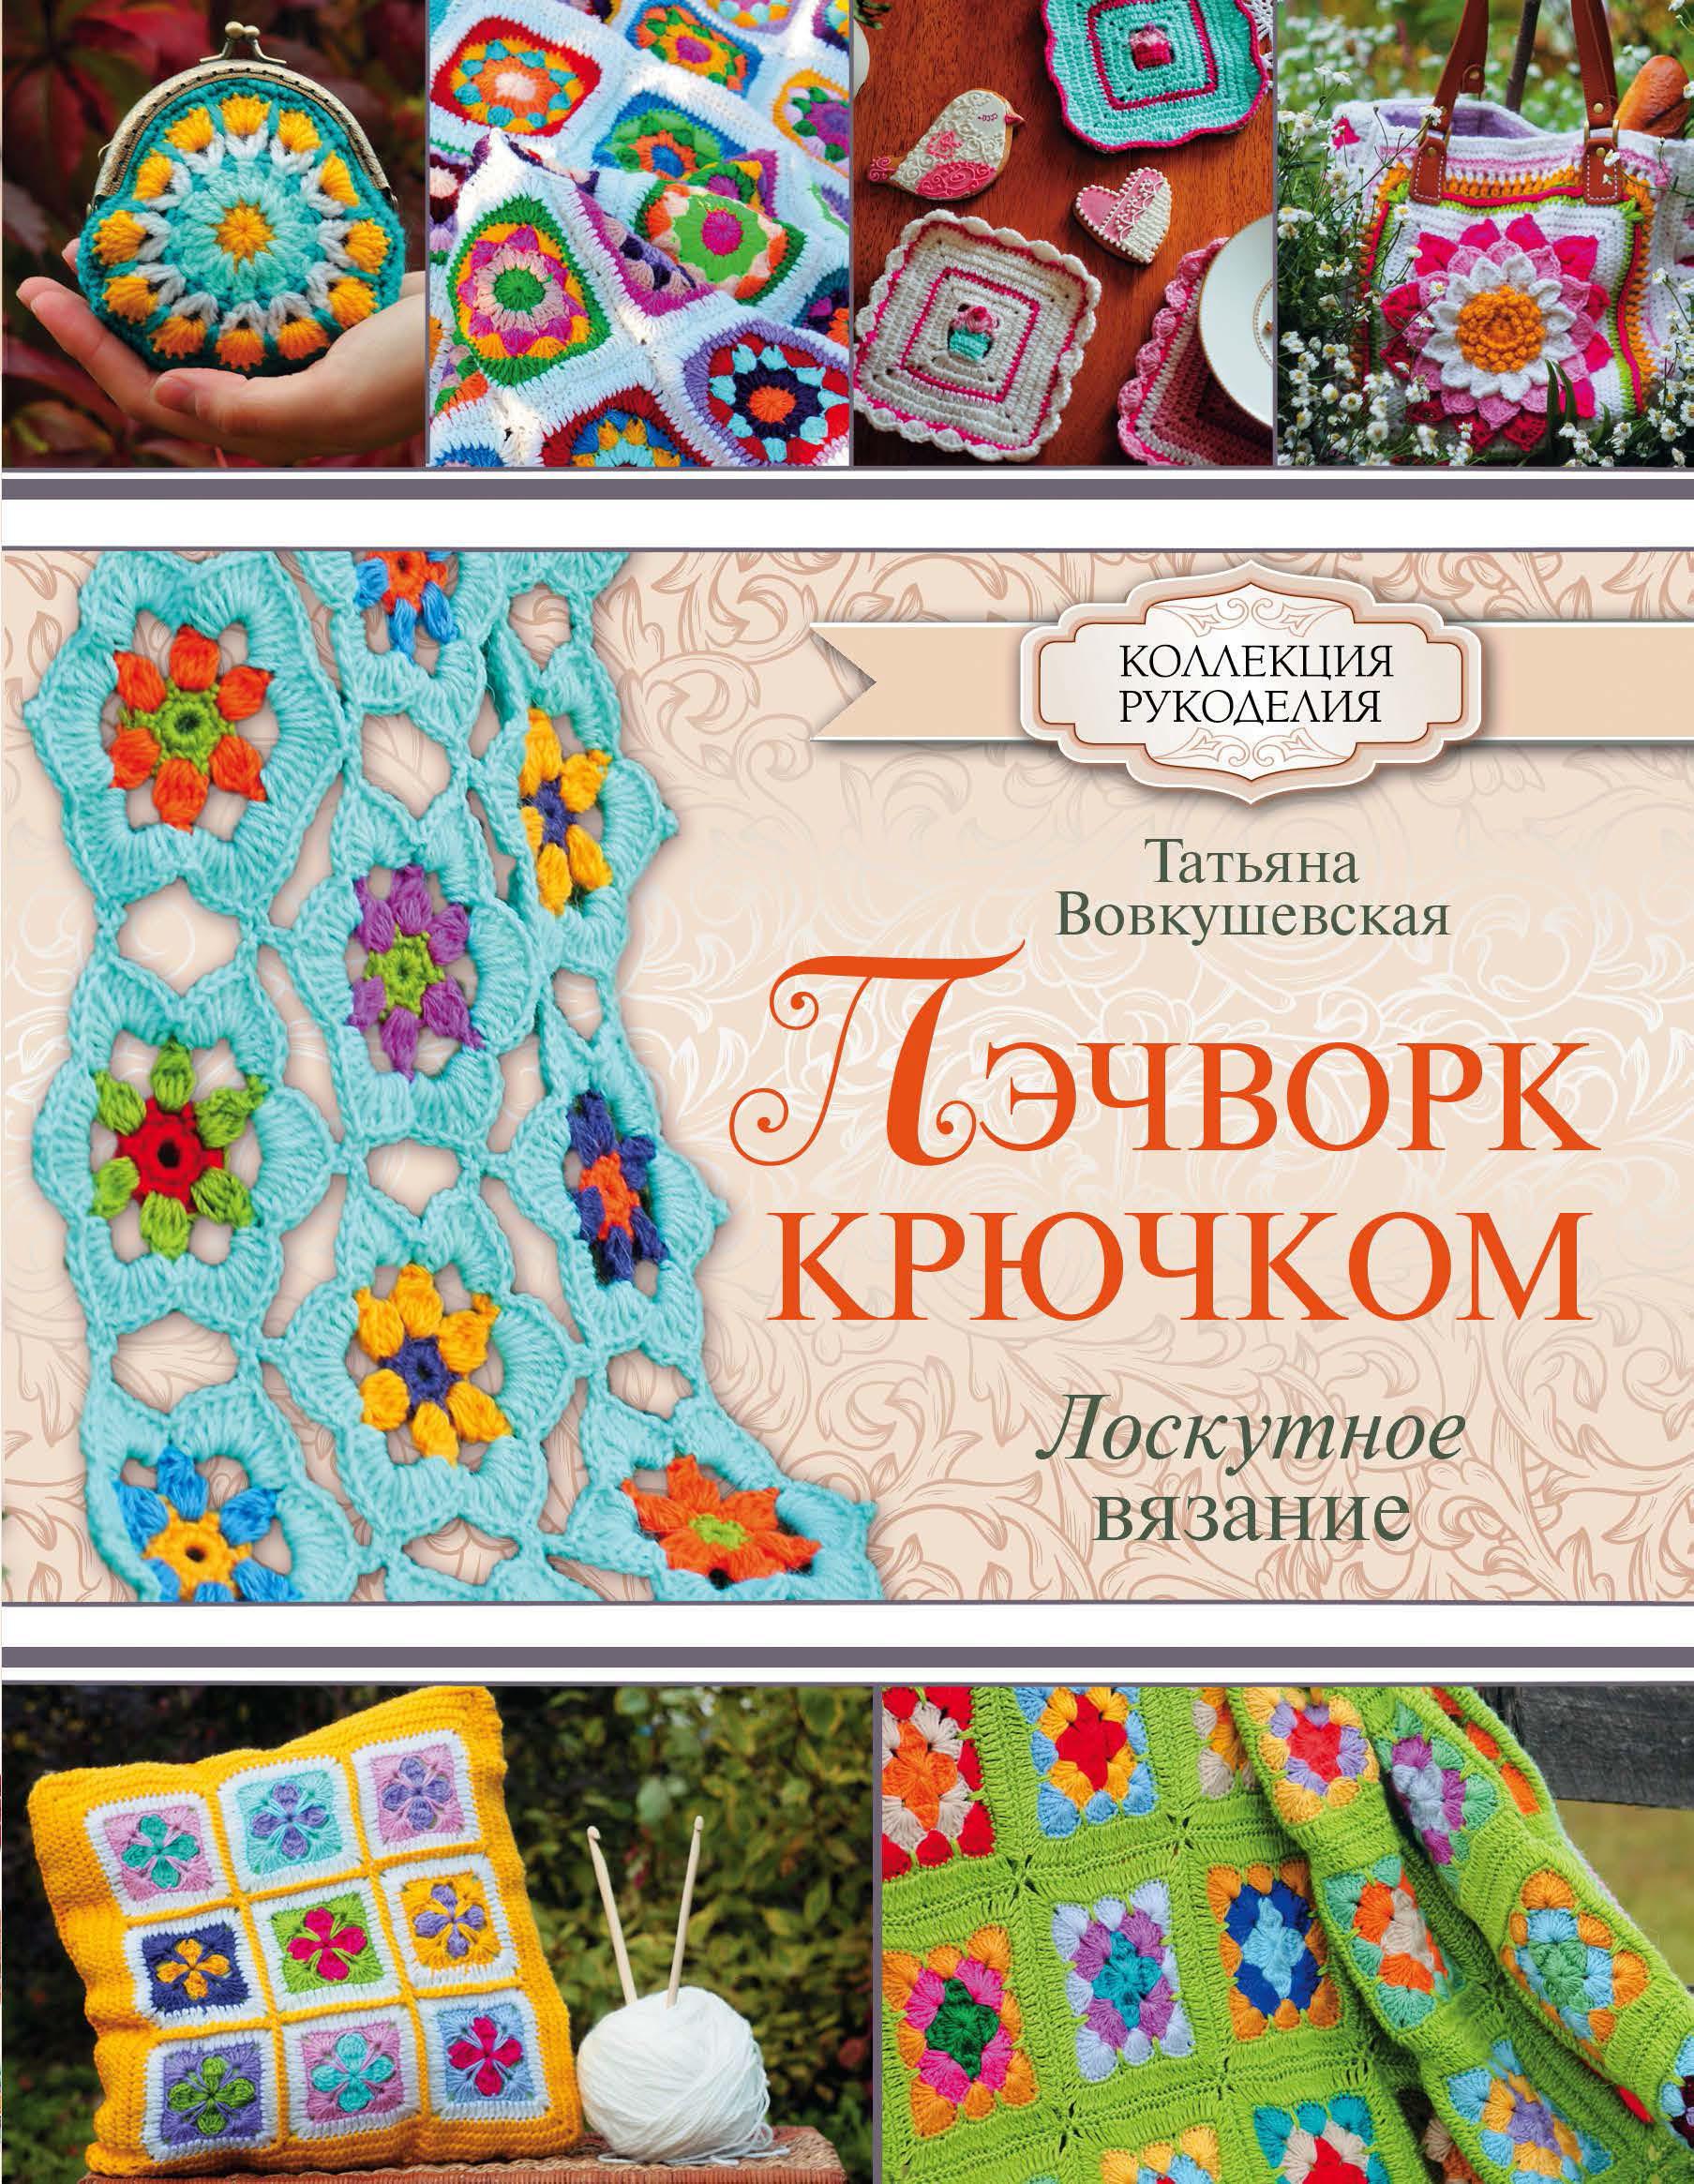 Татьяна Вовкушевская Пэчворк крючком. Лоскутное вязание